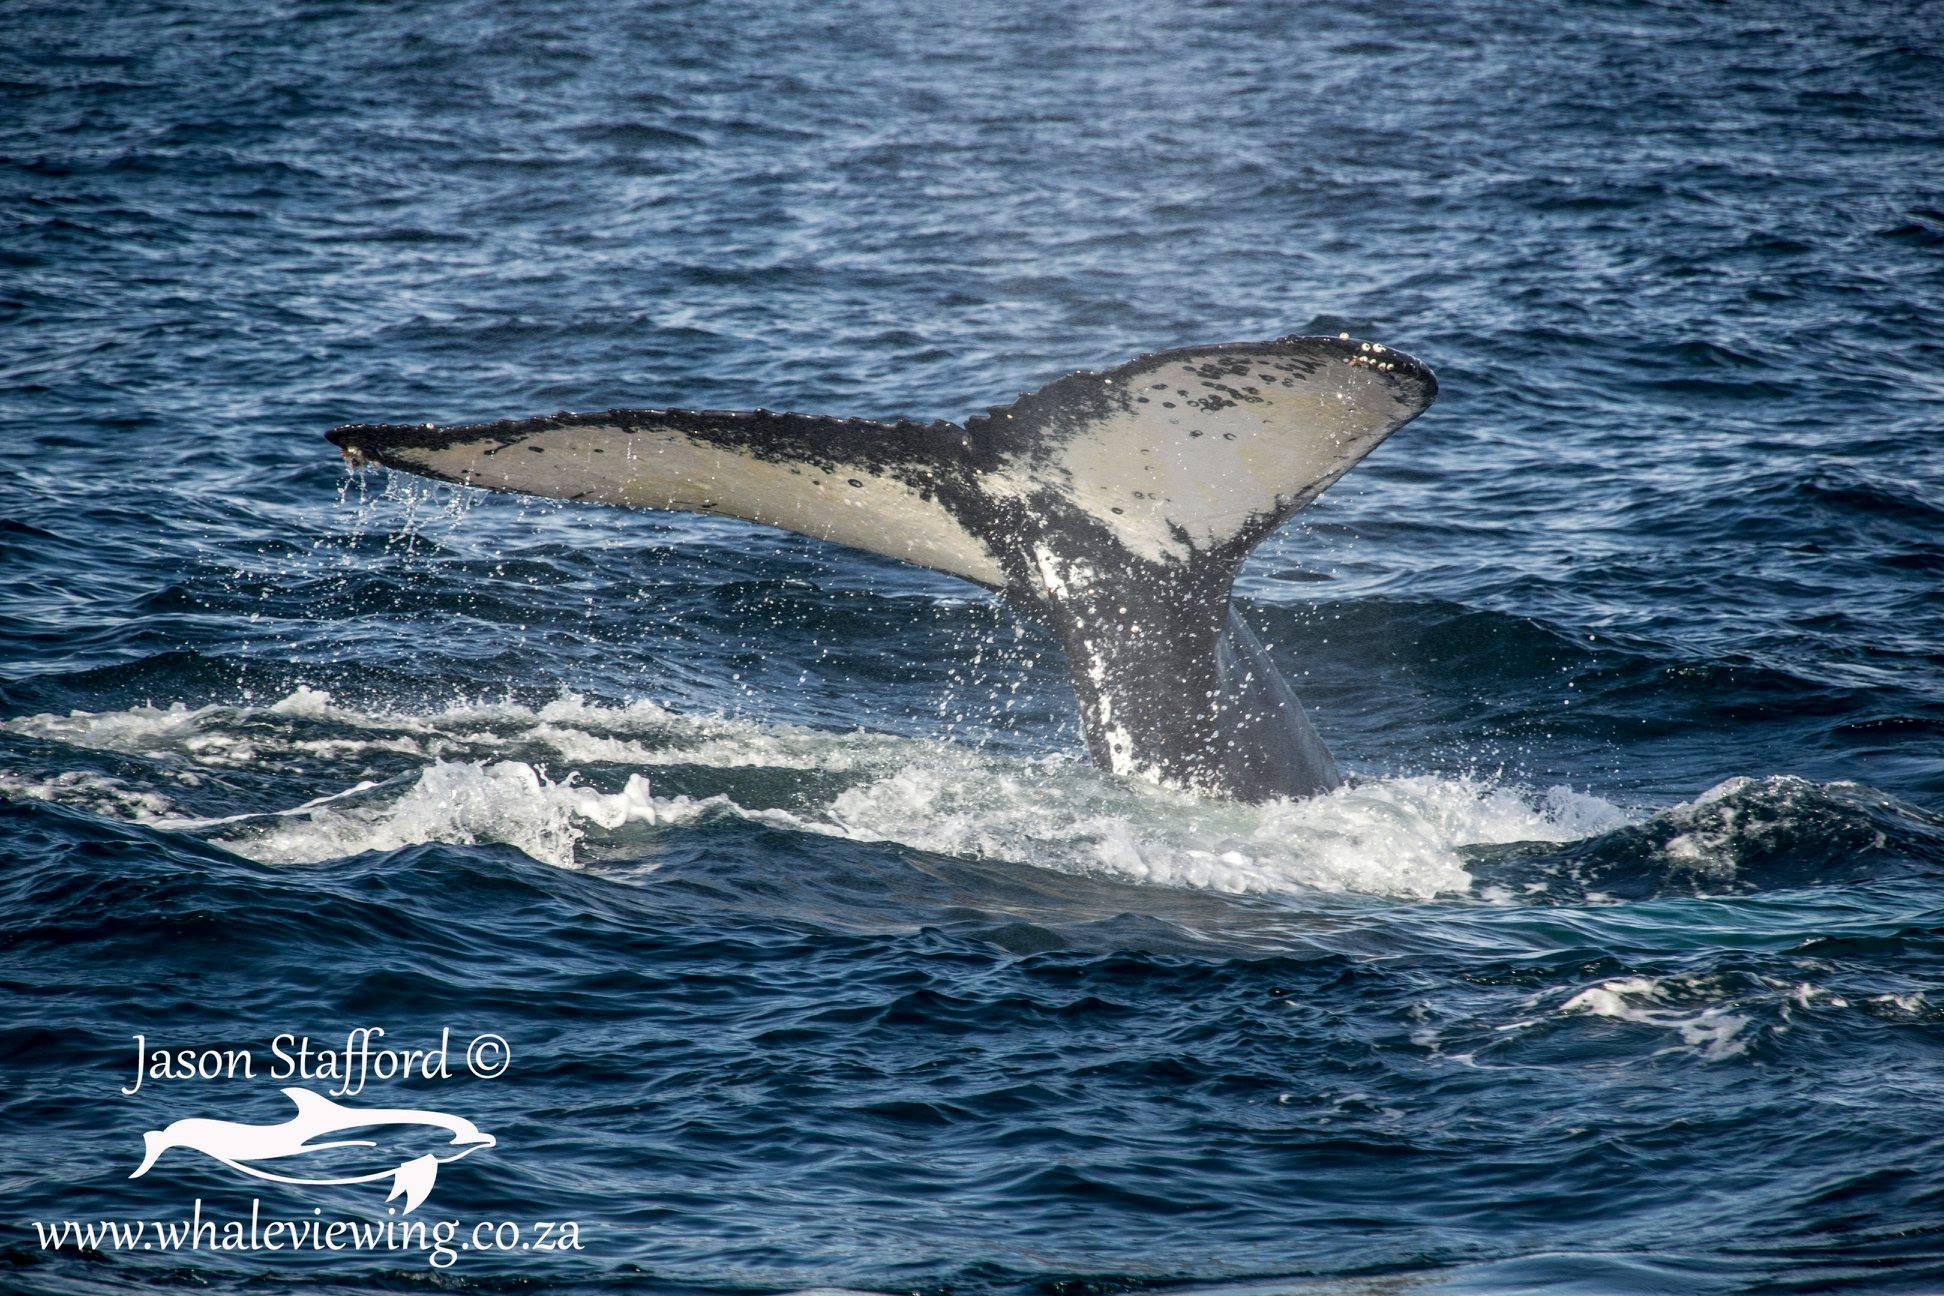 Der einzigartige Schwanz eines Buckelwals.